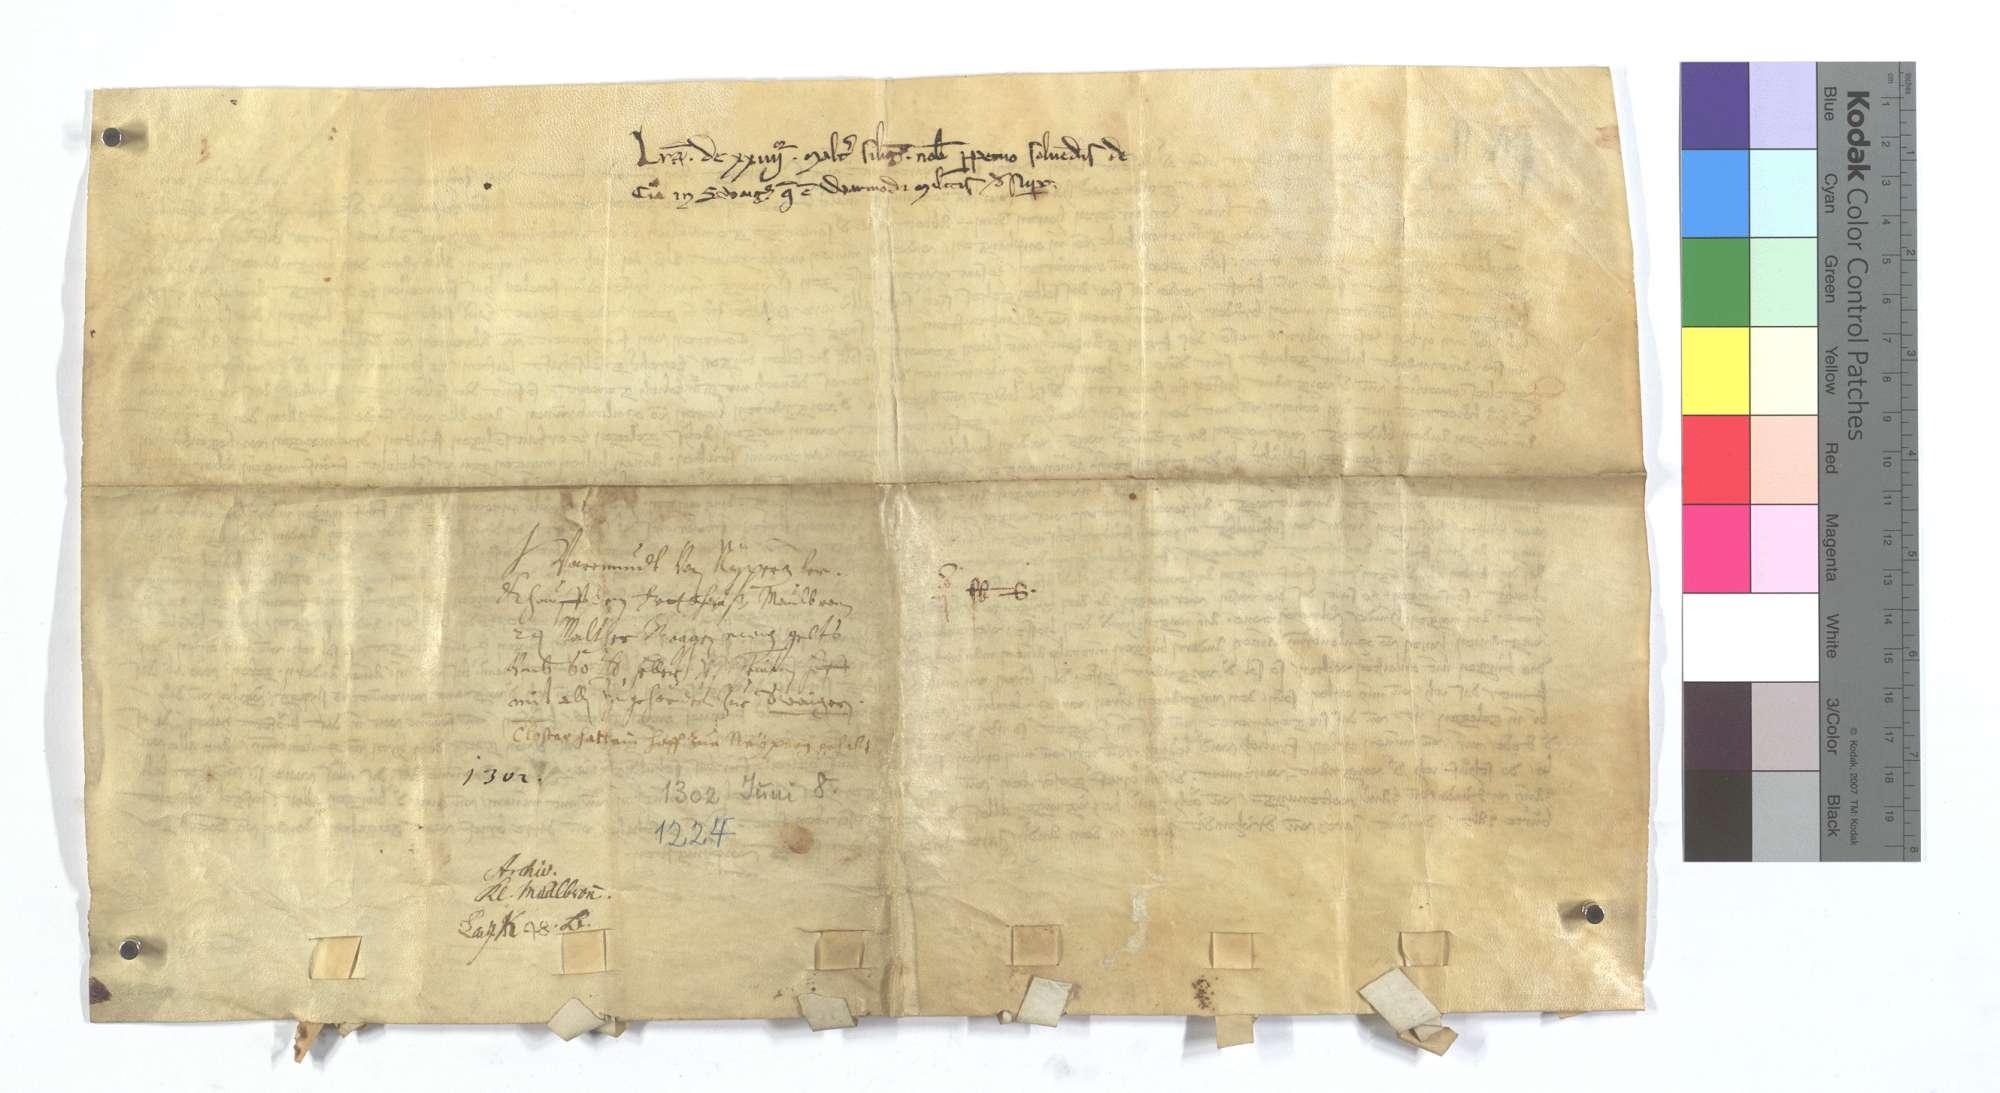 Warmund von Neipperg verkauft dem Kloster Maulbronn 24 Malter Roggen ewige Gült aus seinem Hof zu Schwaigern., Rückseite